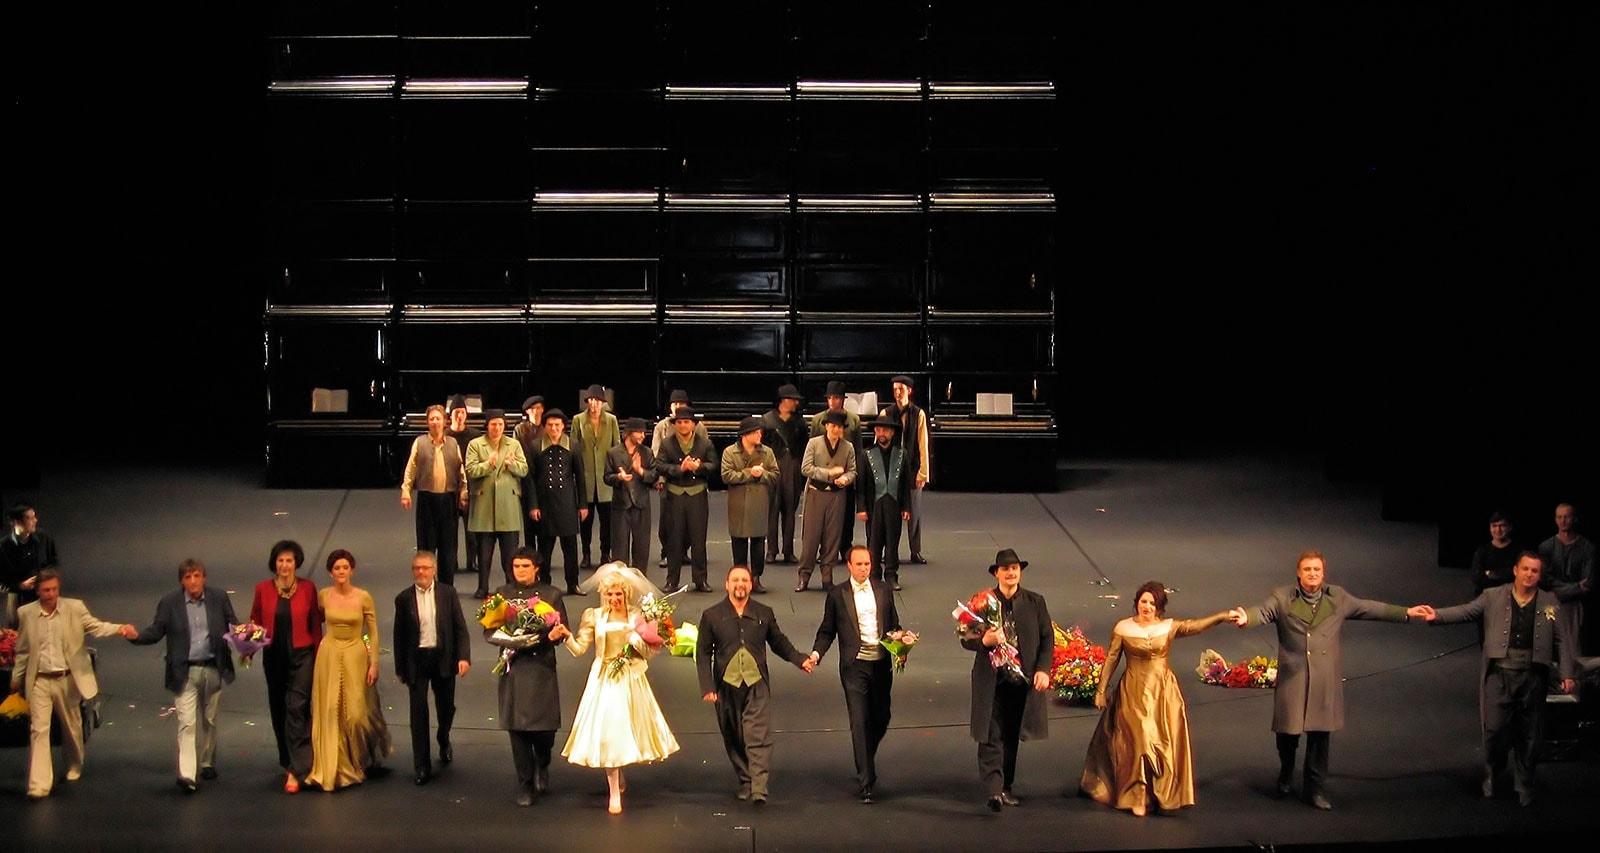 Премьера оперы Моцарта «Дон Жуан» в Музыкальном театре им. Станиславского и Немировича-Данченко